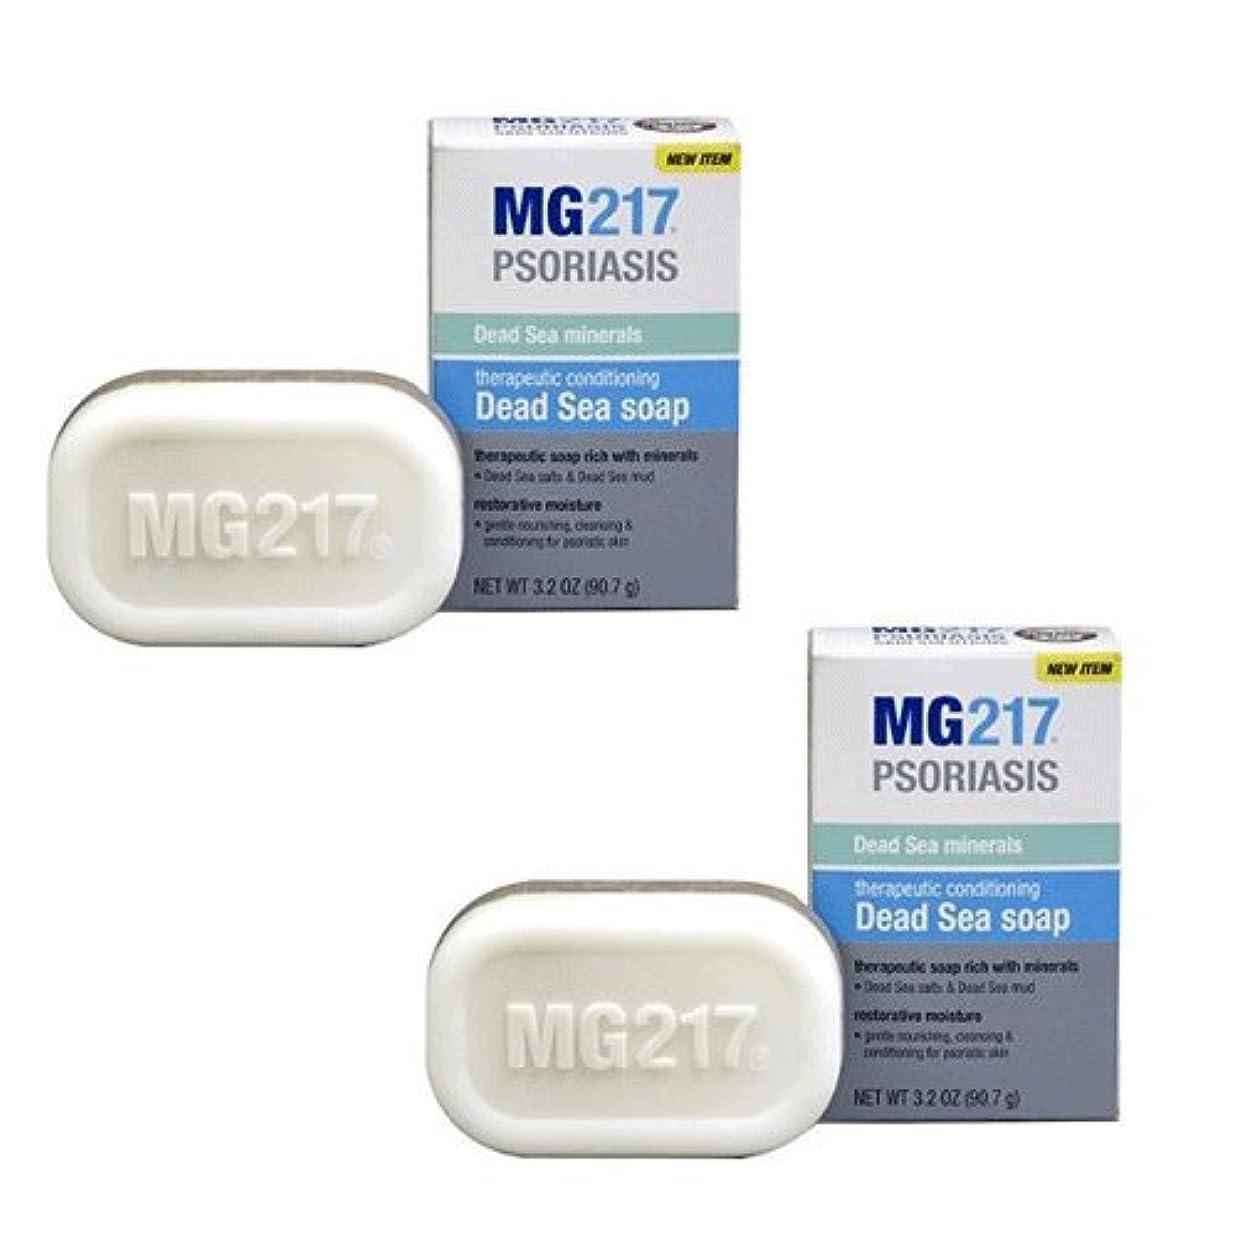 間ポスト印象派犯罪2個セット 死海の泥とミネラルたっぷり MG217ソープ 90g MG217 Psoriasis Therapeutic Conditioning Dead Sea Bar Soap